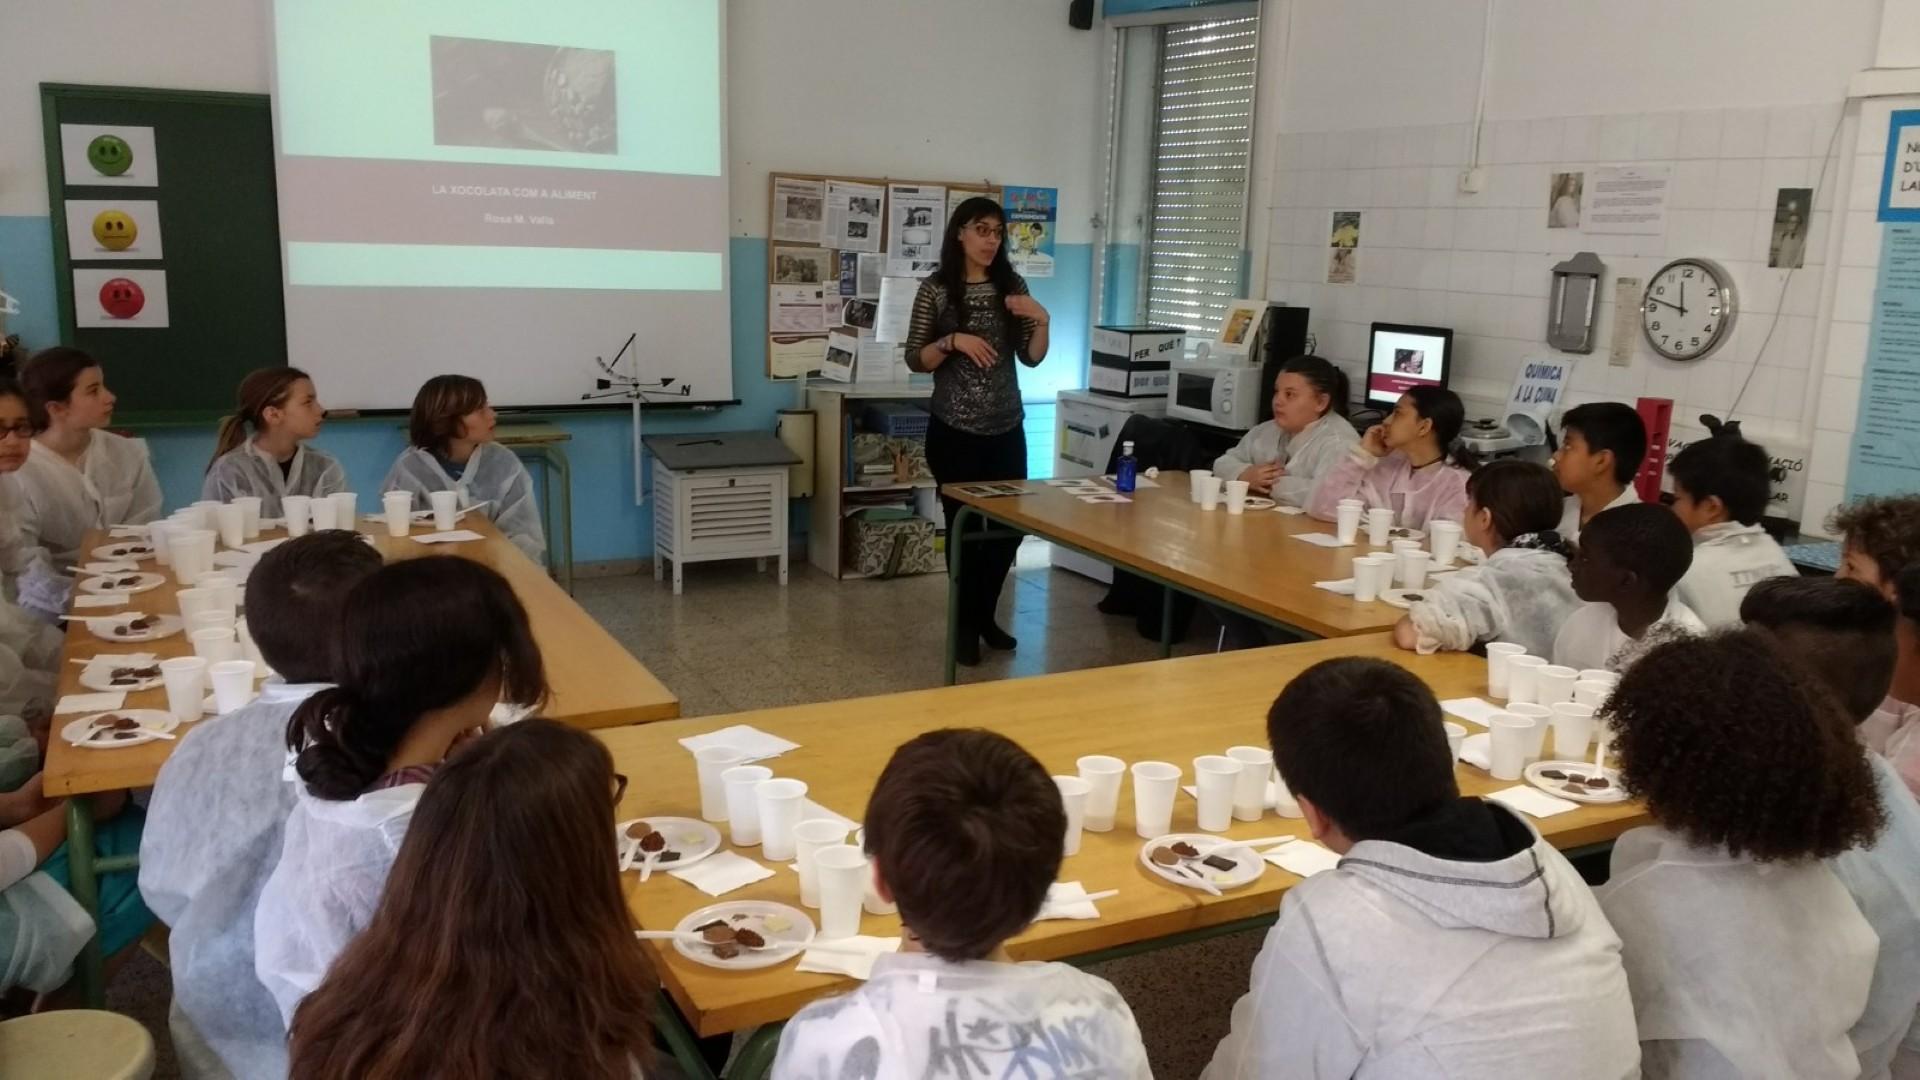 La investigadora Rosa Maria Valls, durant el taller.